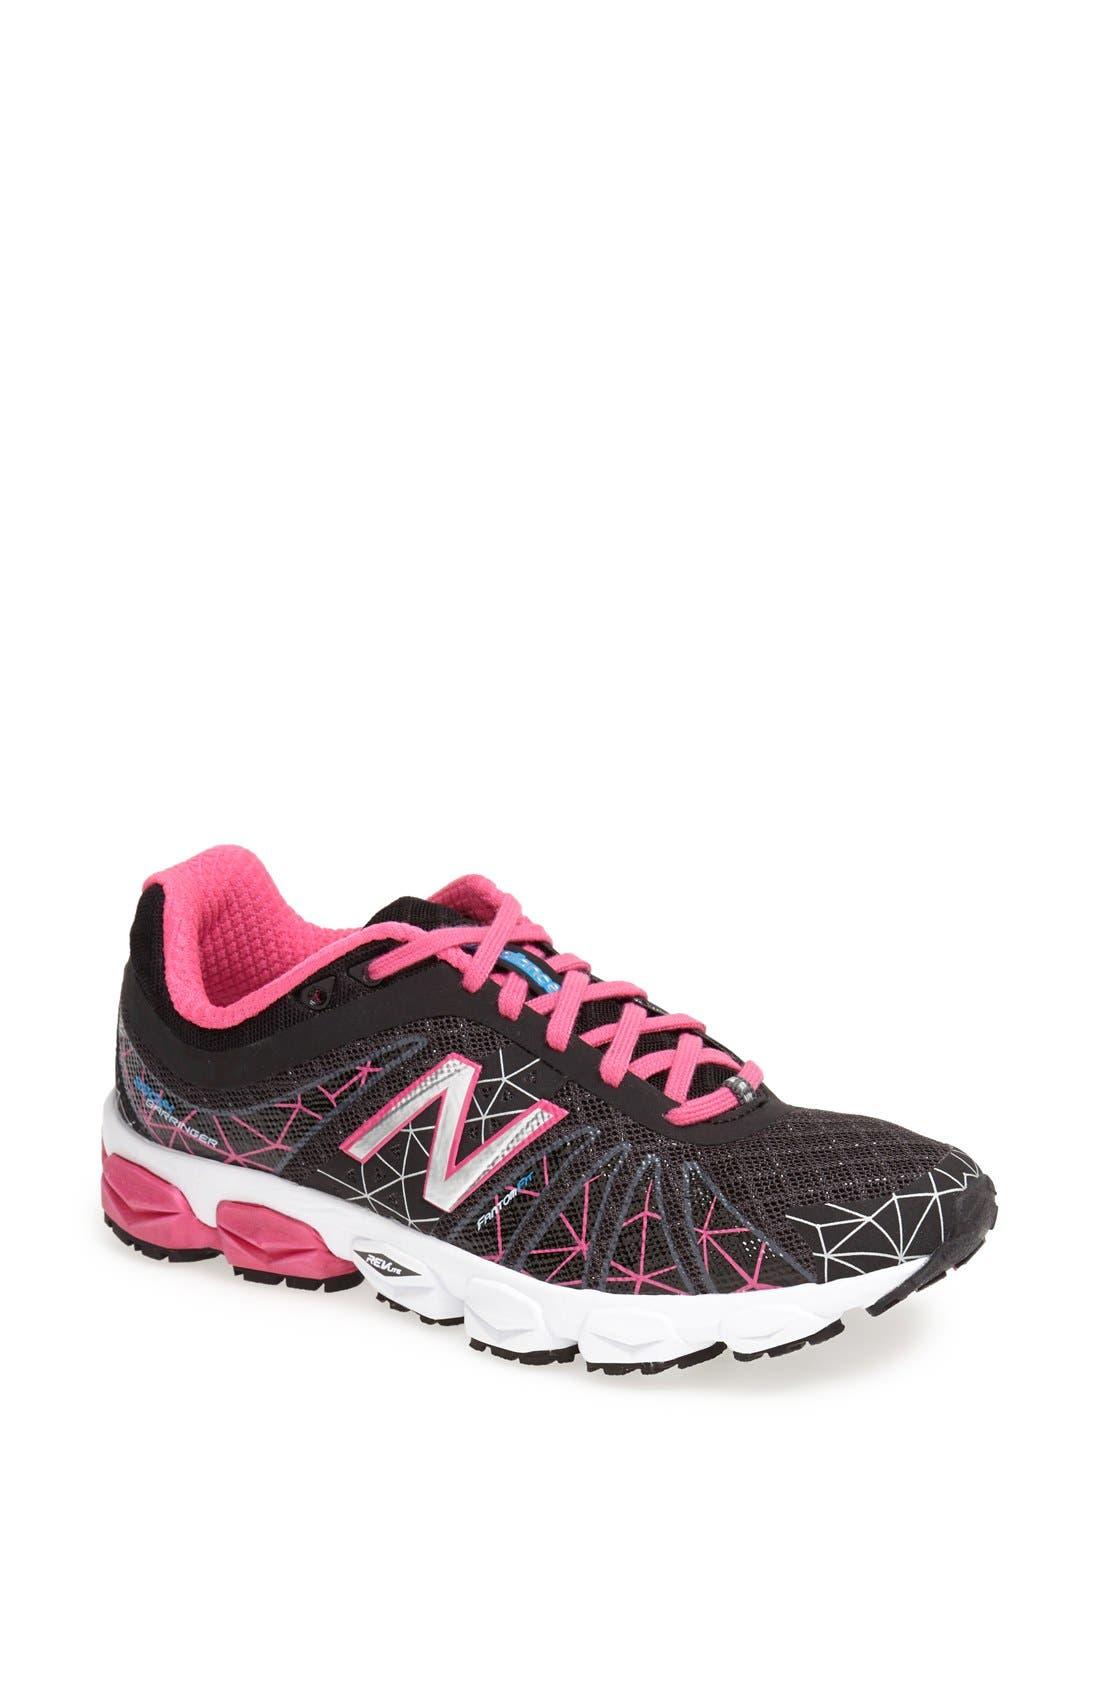 Alternate Image 1 Selected - New Balance 'Komen 890V4' Running Shoe (Women)